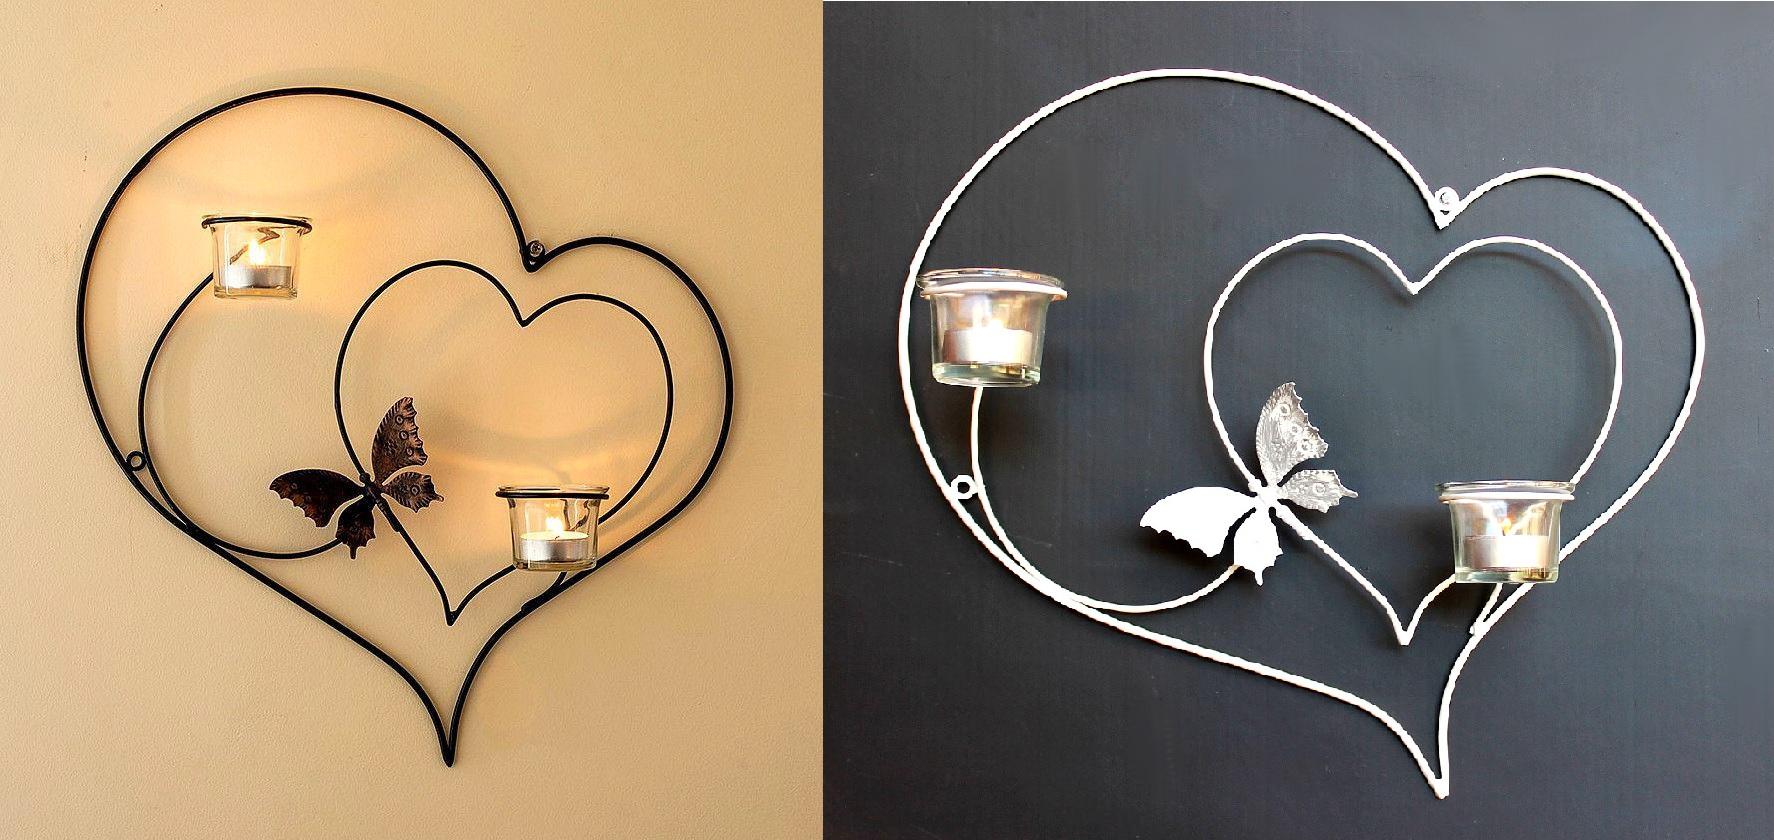 Soporte de pared para velas t coraz n 39cm portavelas metal candelabro ebay - Soporte para velas ...